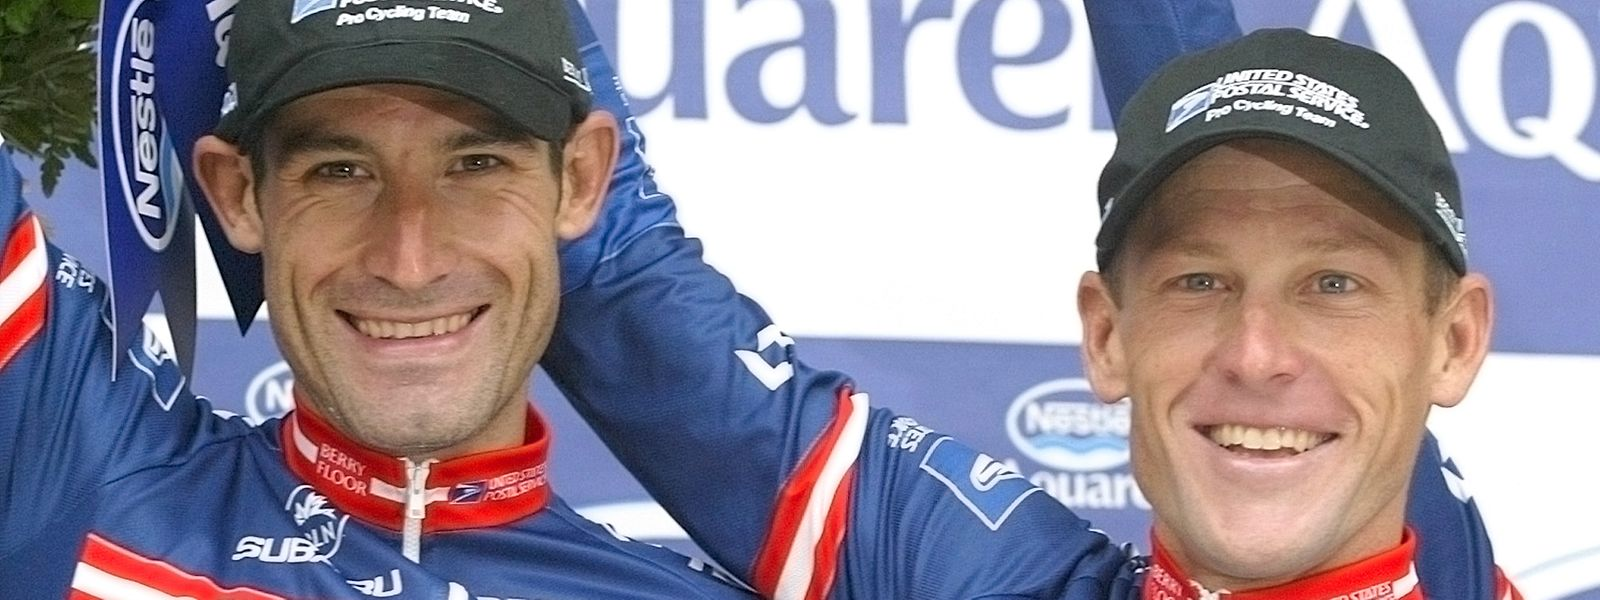 Lance Armstrong (à dr.) coorganise l'événement «The Move Mallorca 2020» en compagnie de son compatriote George Hincapie (à g.)